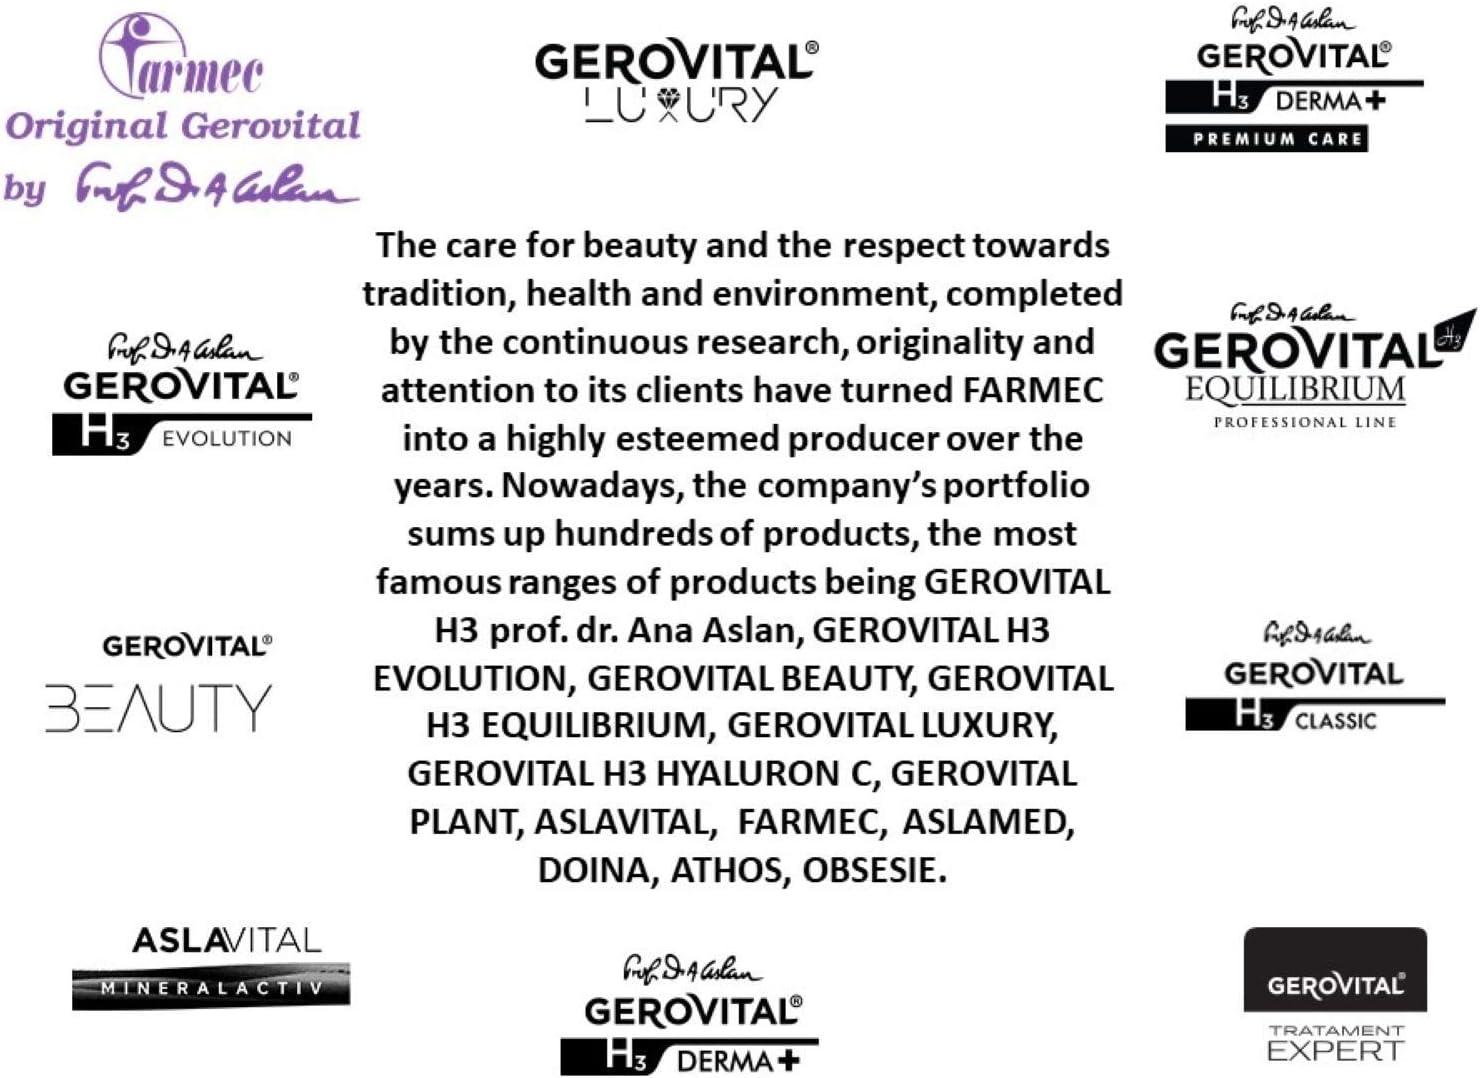 Gerovital H3 Derma +, Tratamiento Anticaída, Cuidado del cabello anti-caída, 12 viales x 10 ml